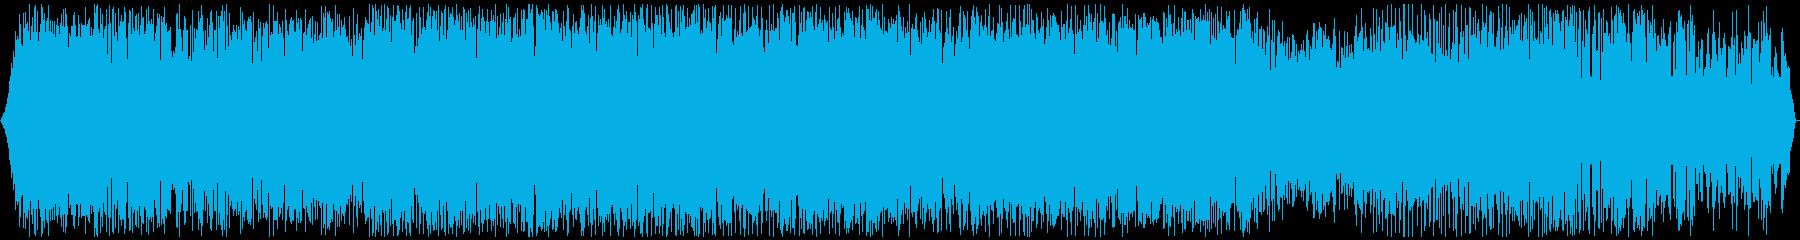 北海道音景色 夏夜の静寂・虫の声 その1の再生済みの波形